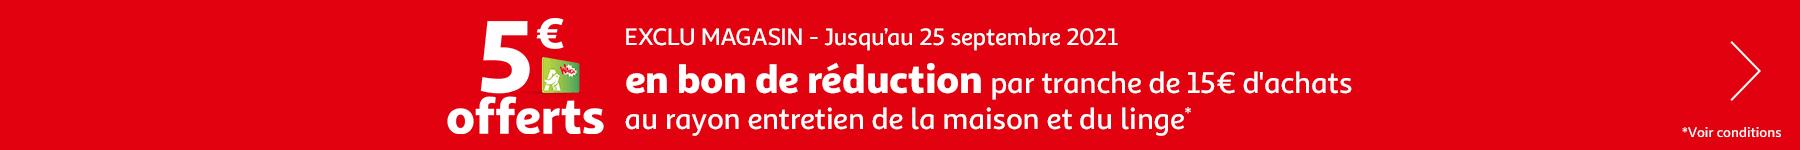 5€ offerts en bon de réduction par tranche de 15€ d'achats aux rayons entretien de la maison et du linge